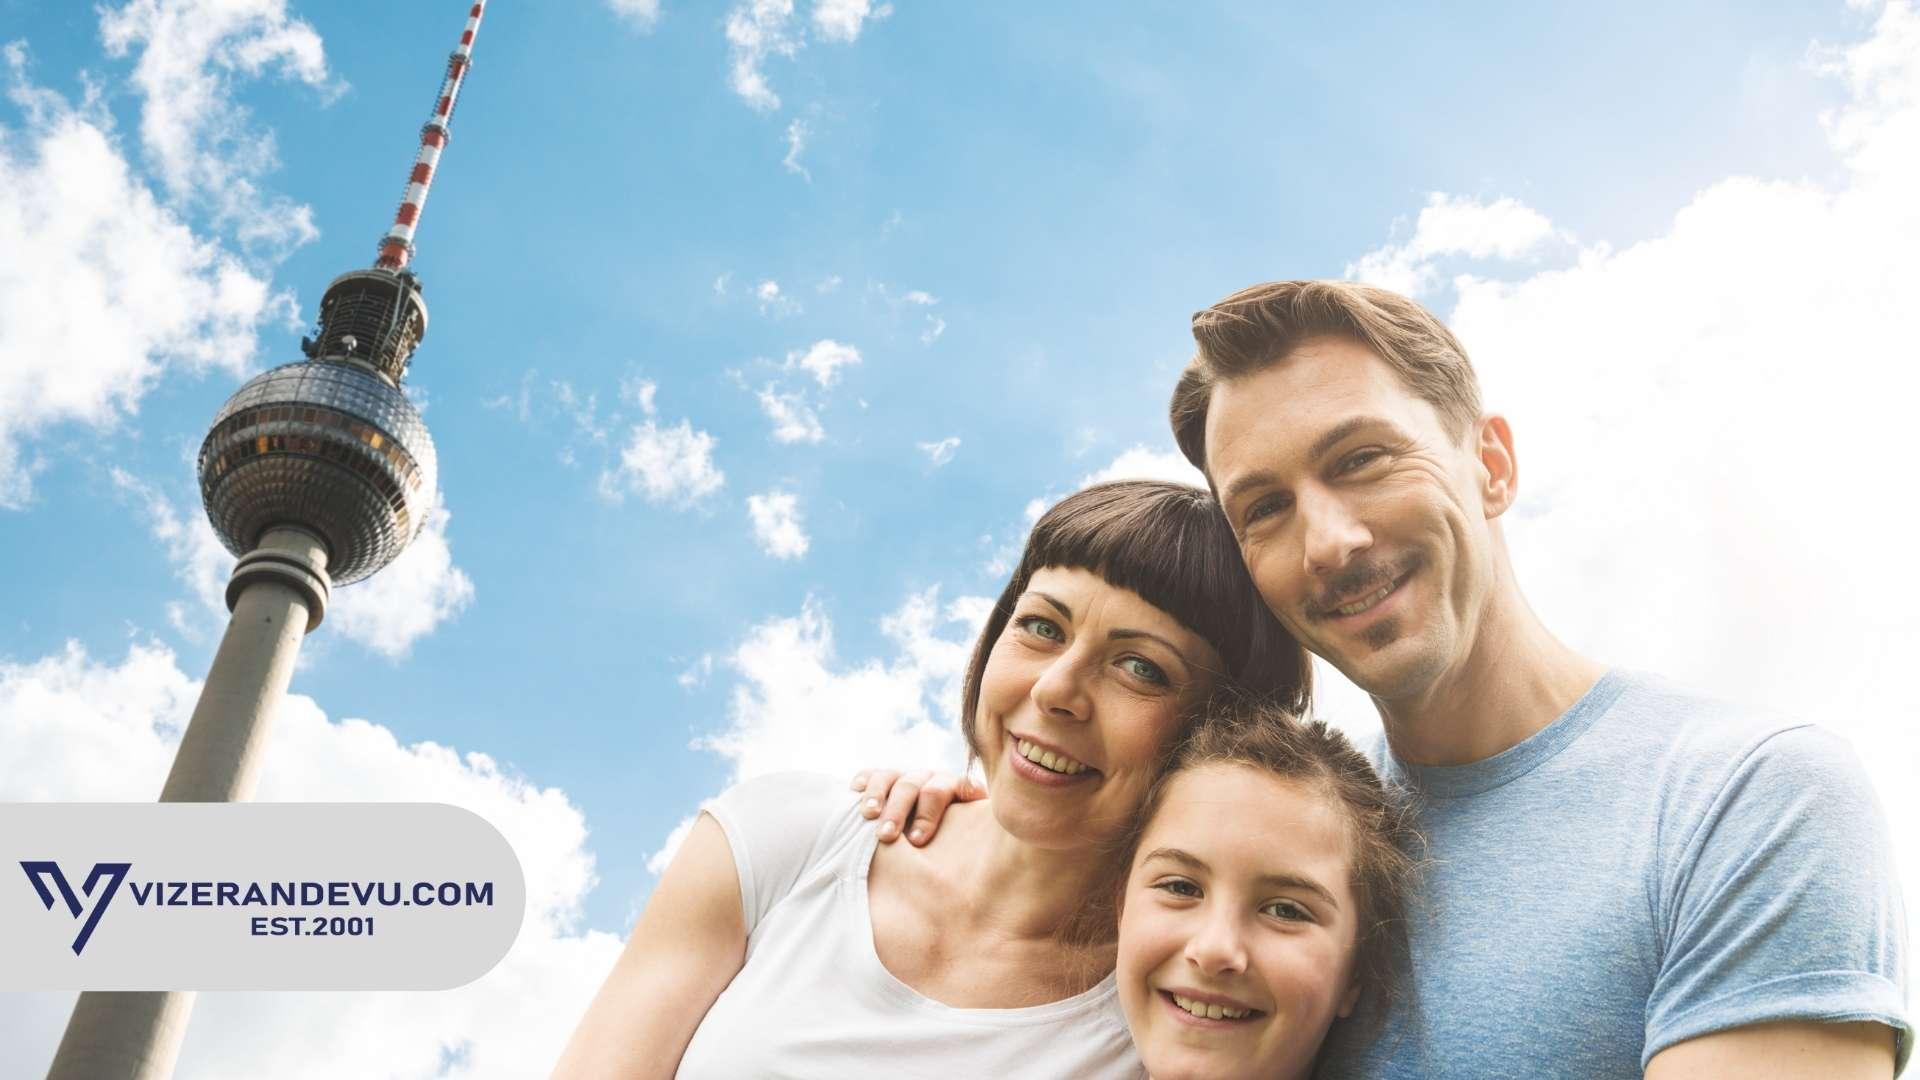 Aile Birleşim Vizesinden Yararlanabilen Kişiler?